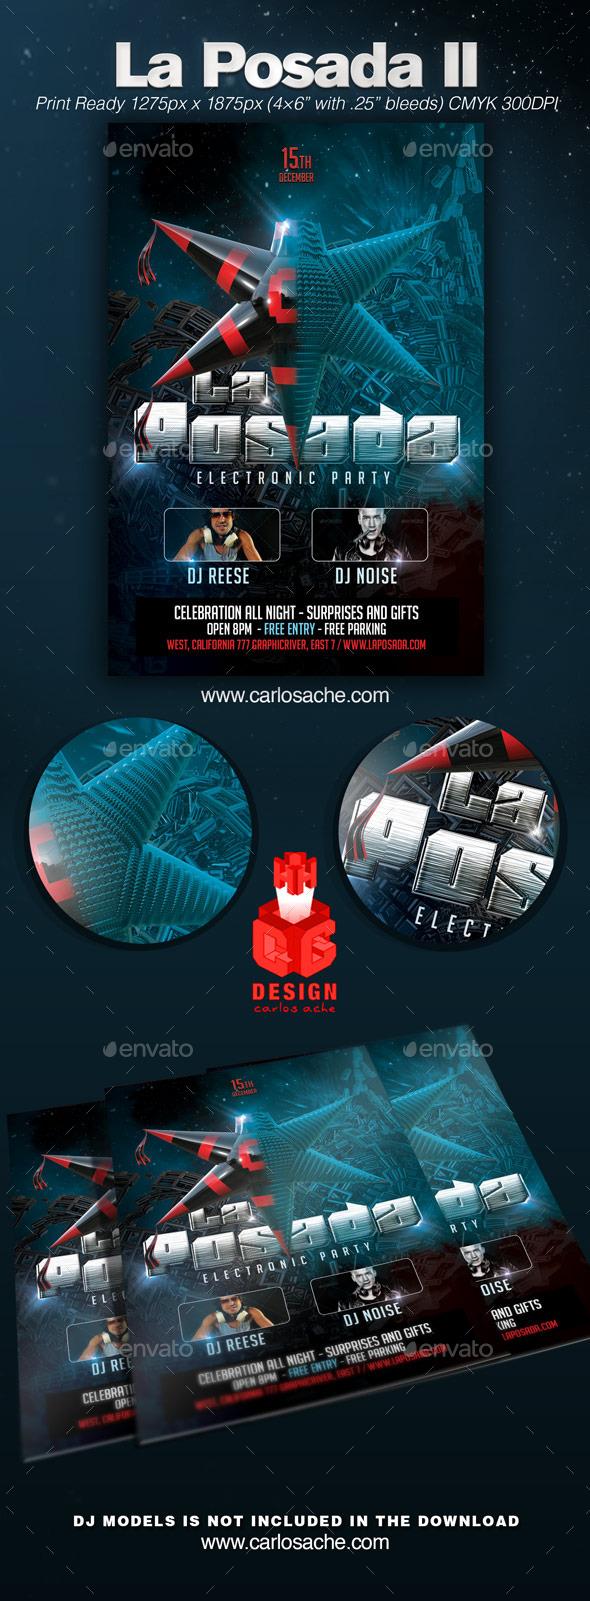 GraphicRiver La Posada II Party Flyer 9307877